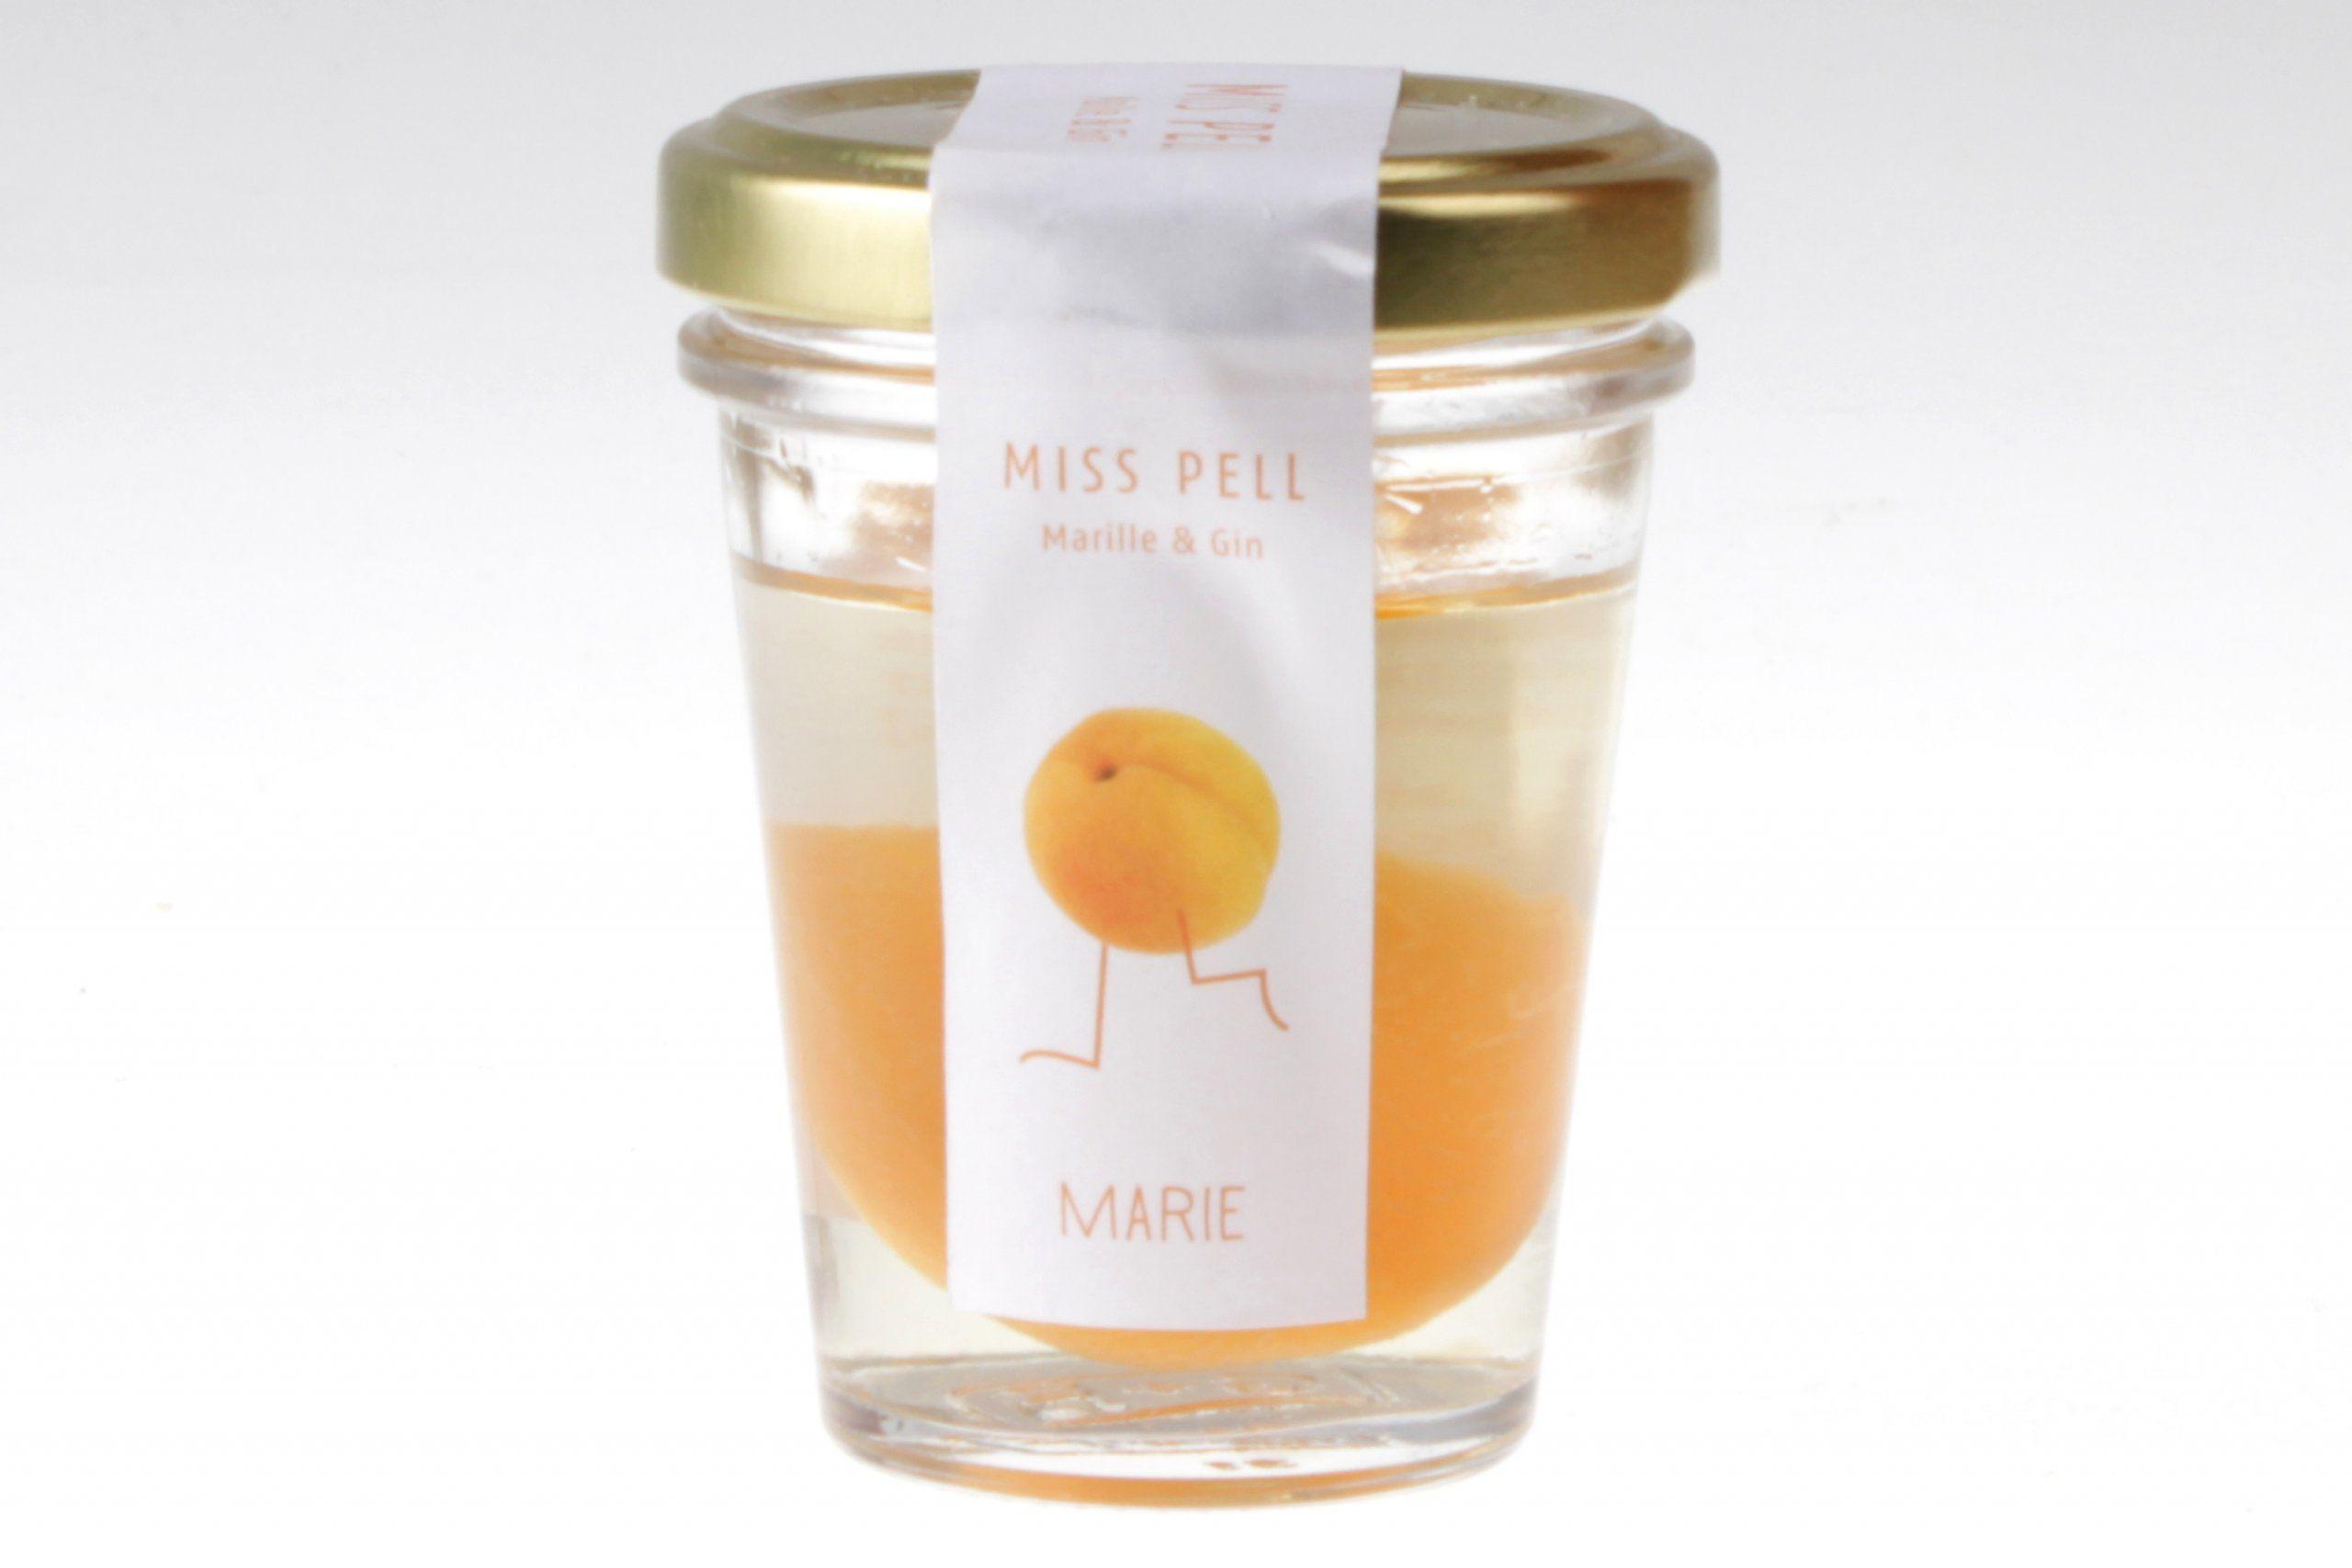 MARIE Marille & Gin von feinjemacht